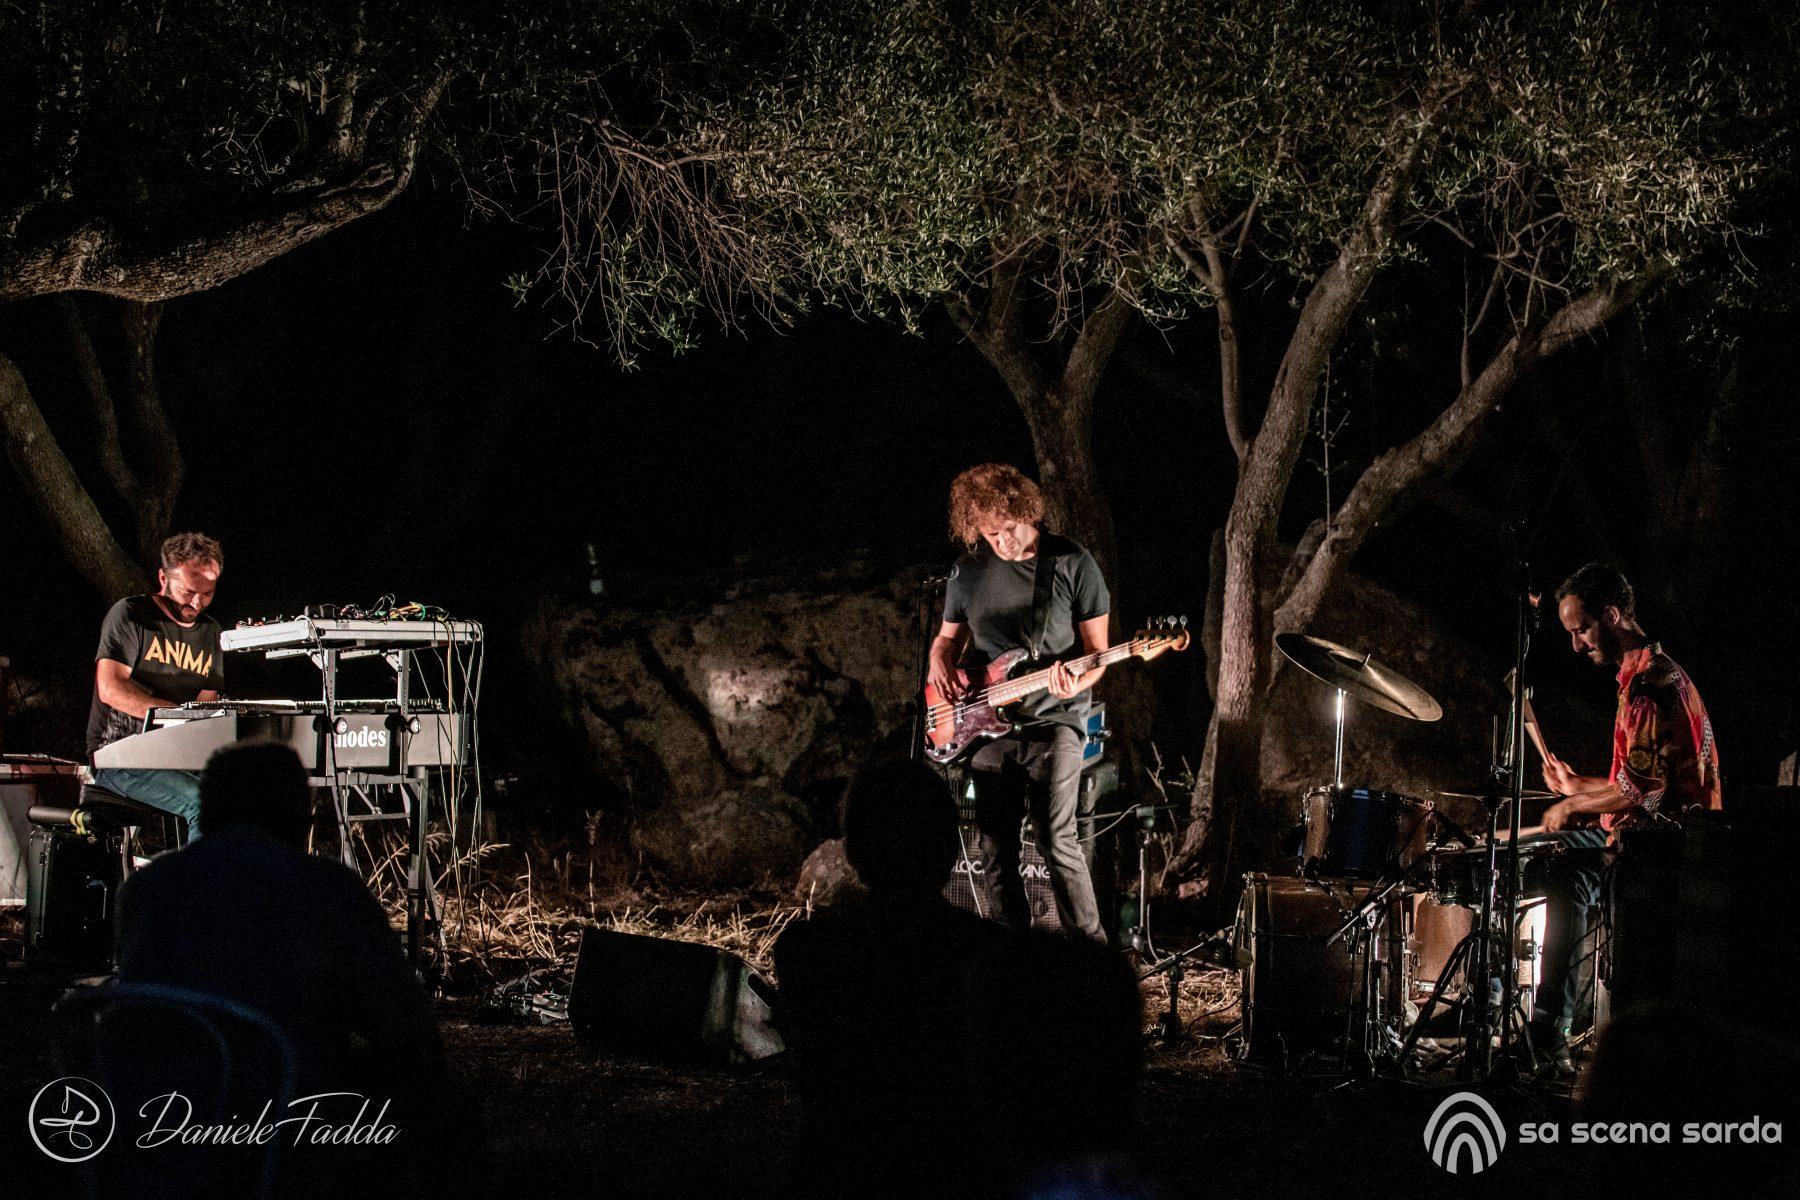 Isole che Parlano - Isole che Parlano di Musica - Moti Mo - Daniele Fadda - festival - Palau - 2020 - Sa Scena Sarda - 13 settembre 2020